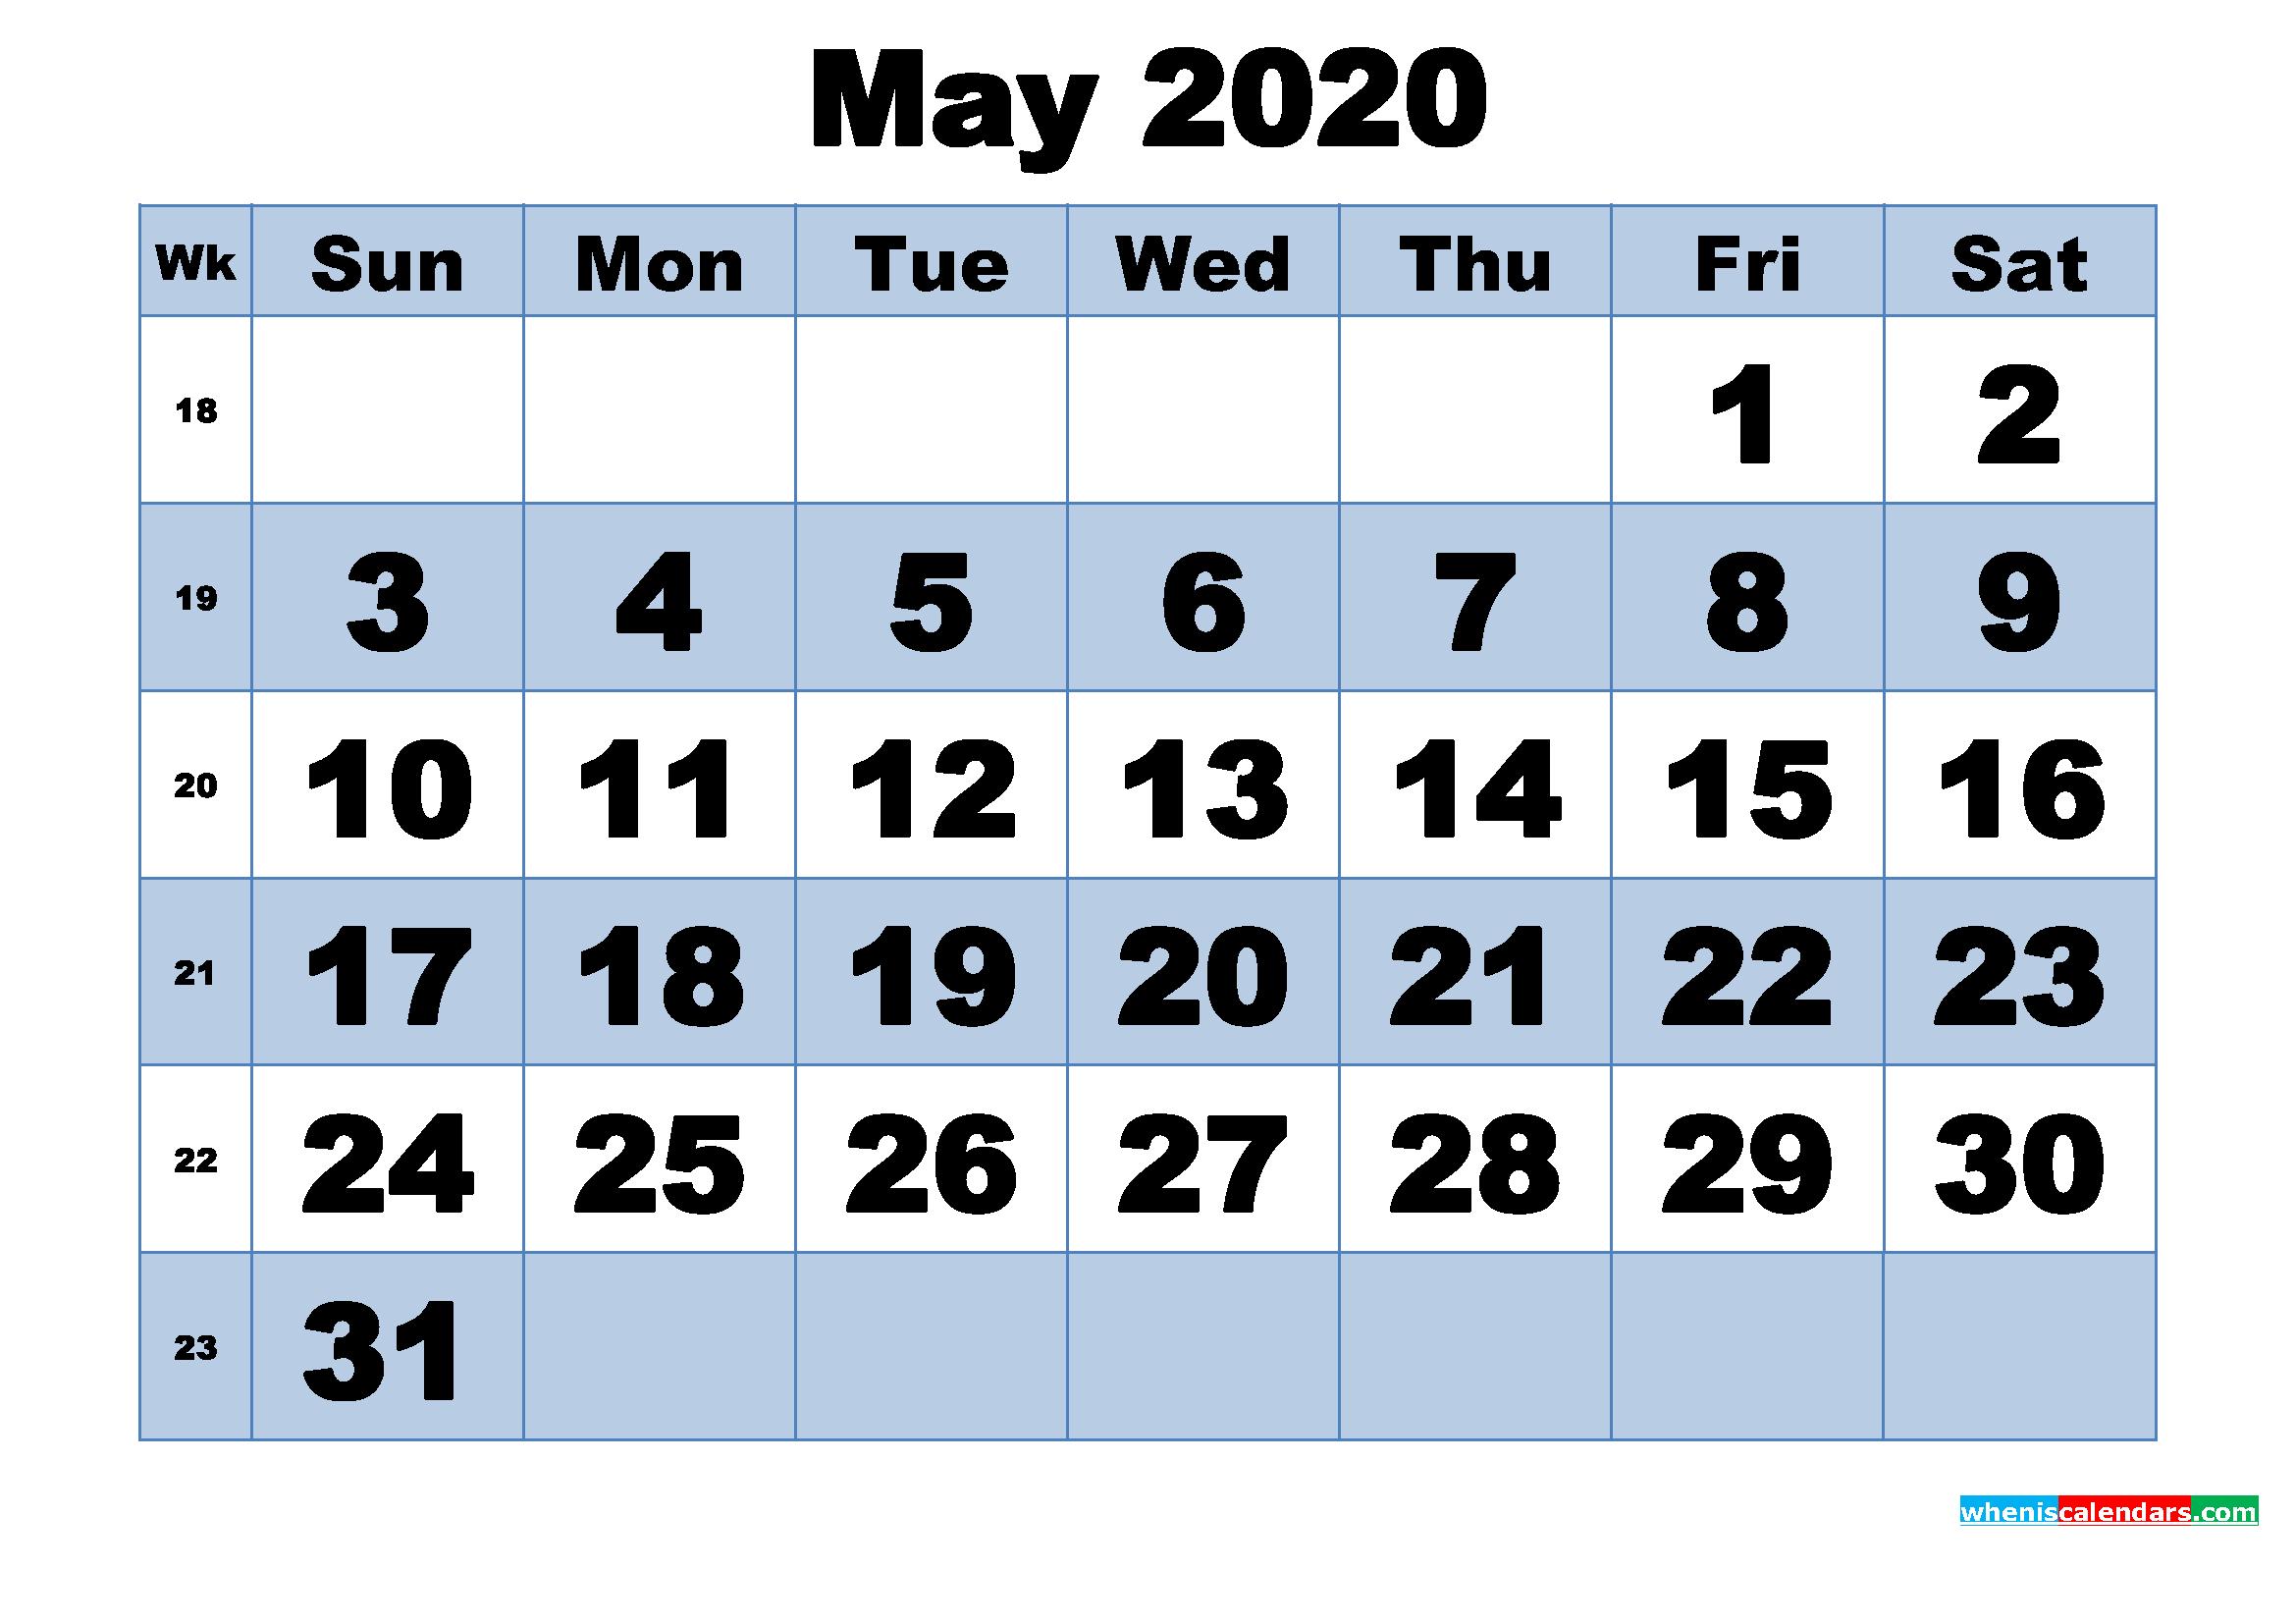 Free Printable May 2020 Calendar With Week Numbers Printable Calendar Numbers 1 31 May